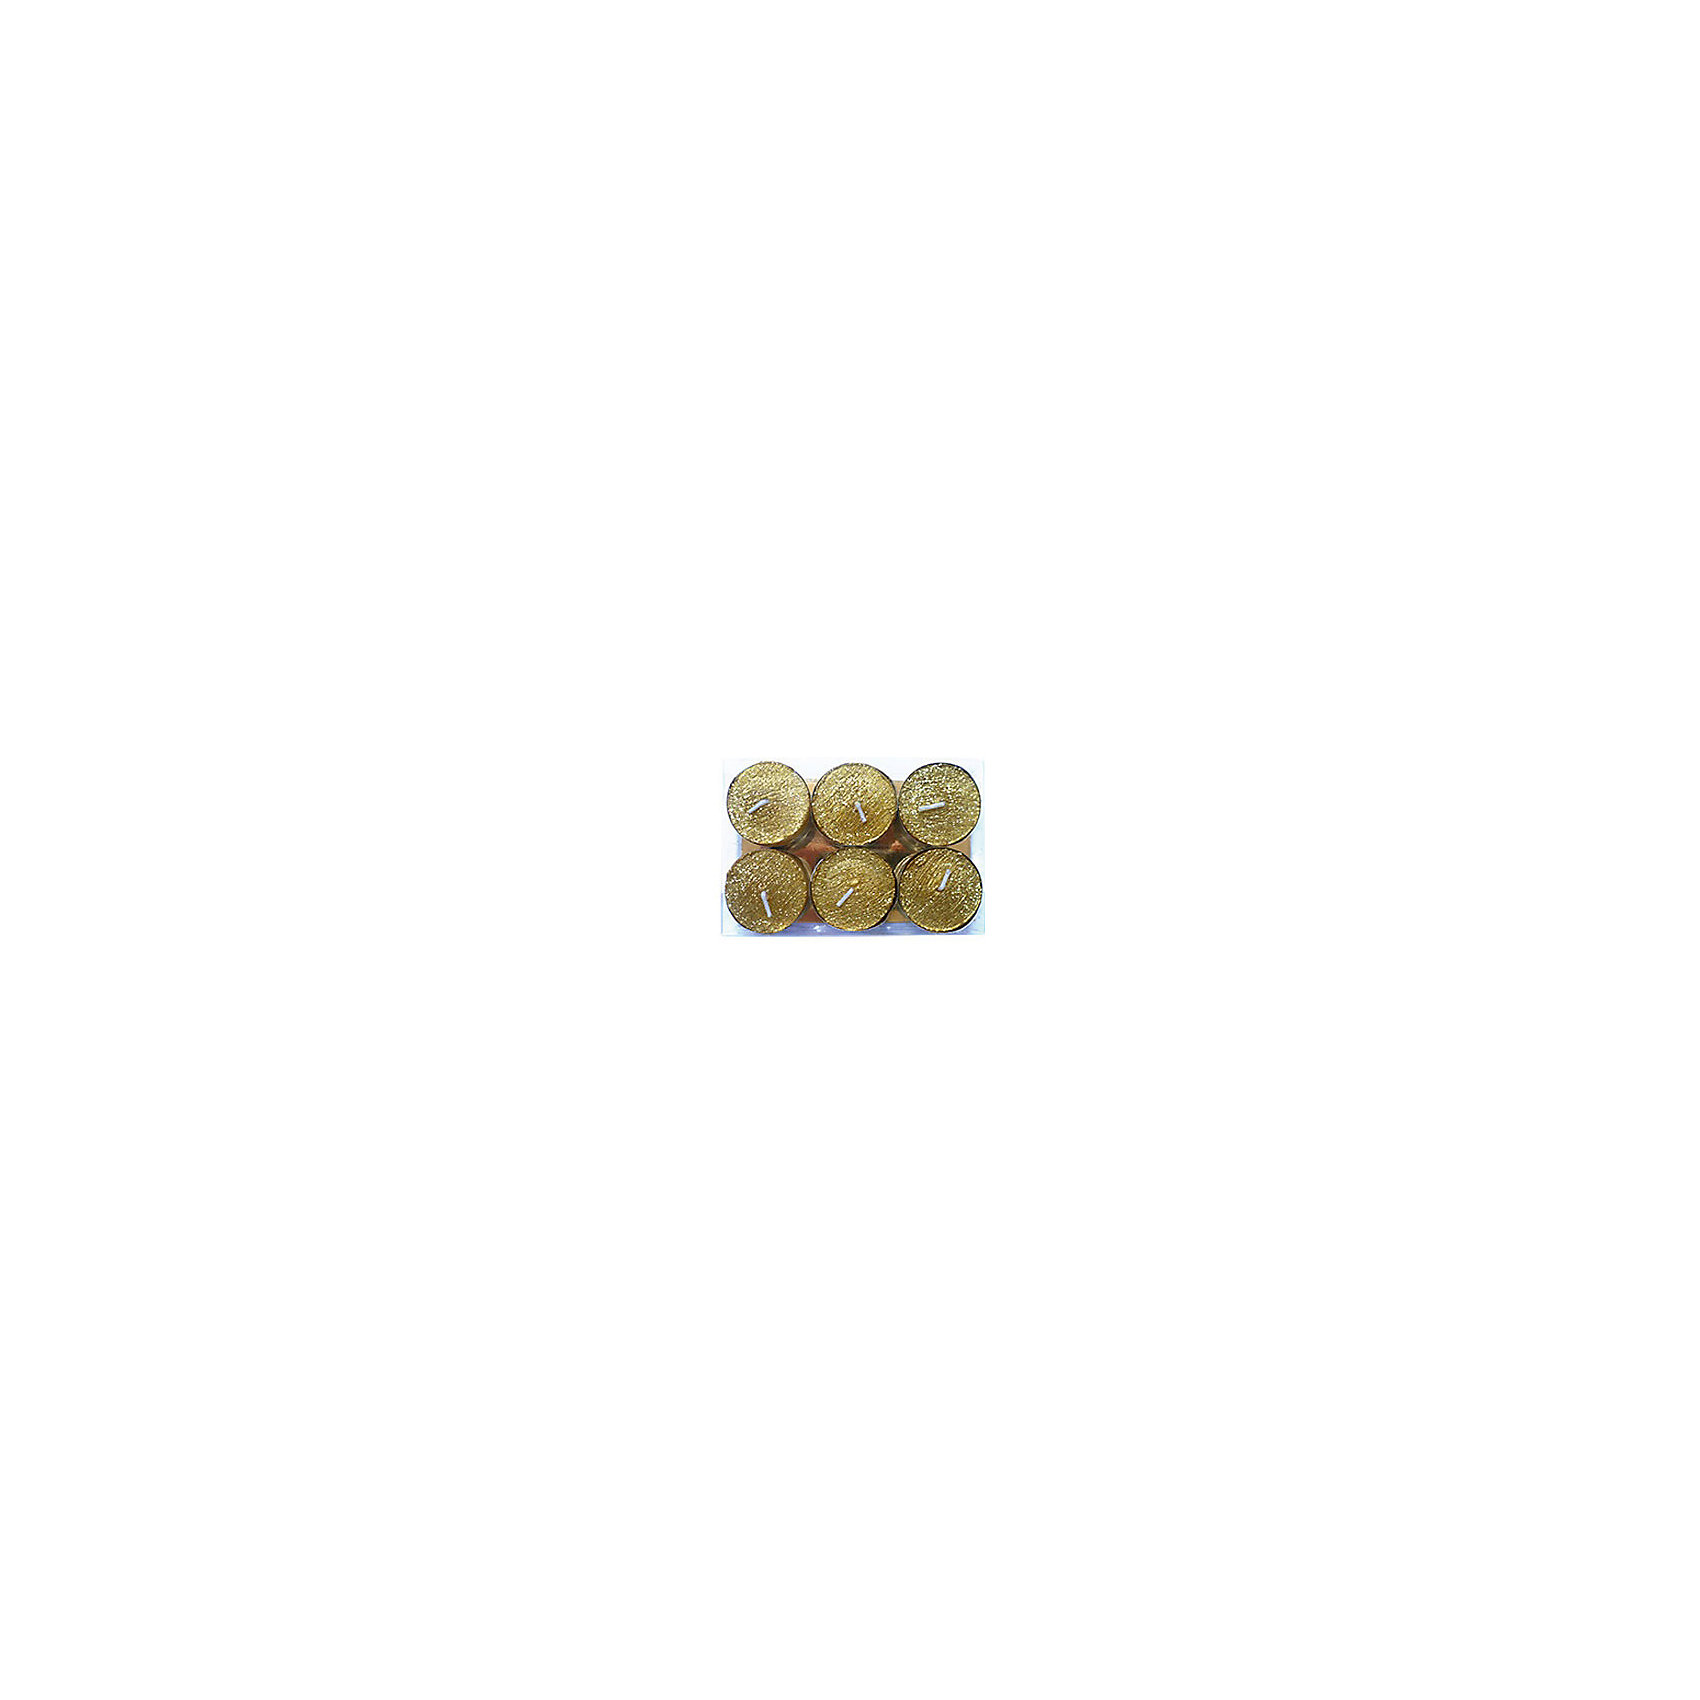 Набор свечей 6 шт Радость, золотойВсё для праздника<br>Изготовлено из парафина. Набор свечей 6шт.Радость, золотой<br><br>Ширина мм: 12<br>Глубина мм: 8<br>Высота мм: 2<br>Вес г: 100<br>Возраст от месяцев: 36<br>Возраст до месяцев: 2147483647<br>Пол: Унисекс<br>Возраст: Детский<br>SKU: 5101051